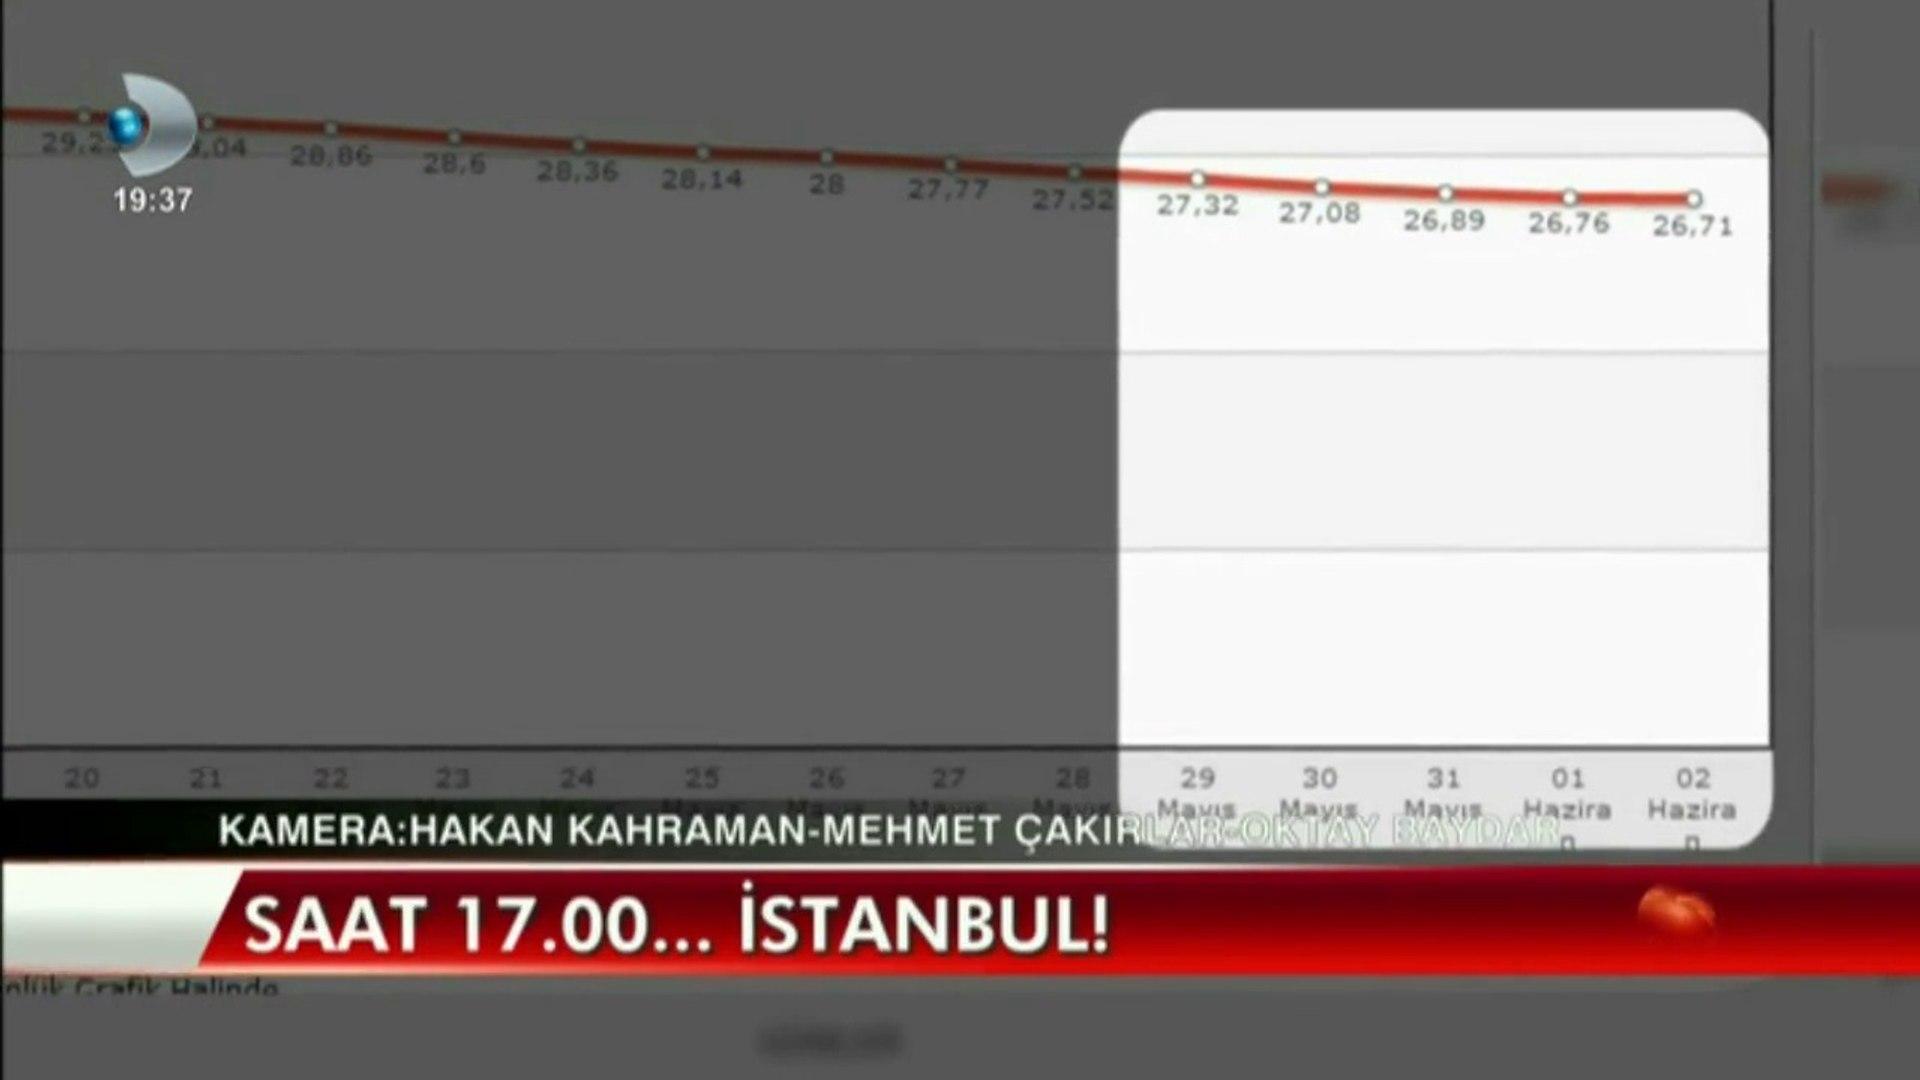 Yağmurun Barajlara Faydası Olmayacak - Kanal D Haber / 2 Haziran 2014